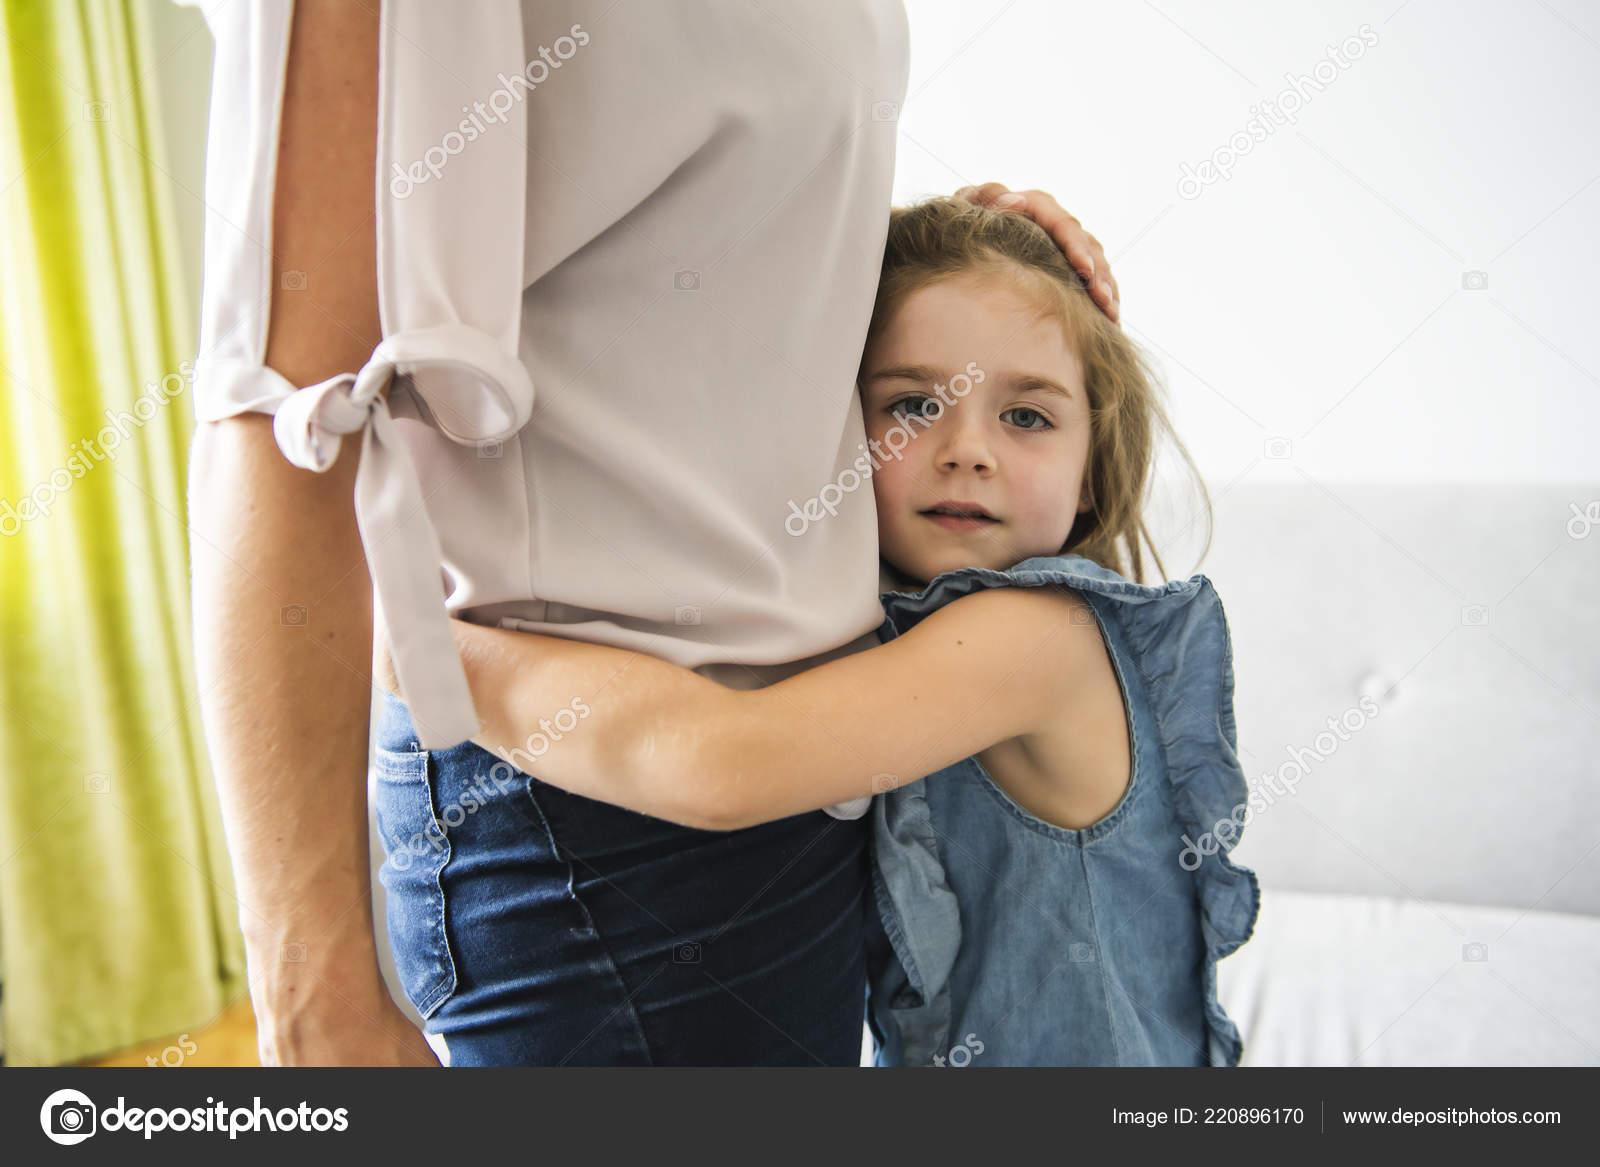 Я трахул дочь в жопу, Видеозаписи Лучшее порно в сети ВКонтакте 19 фотография